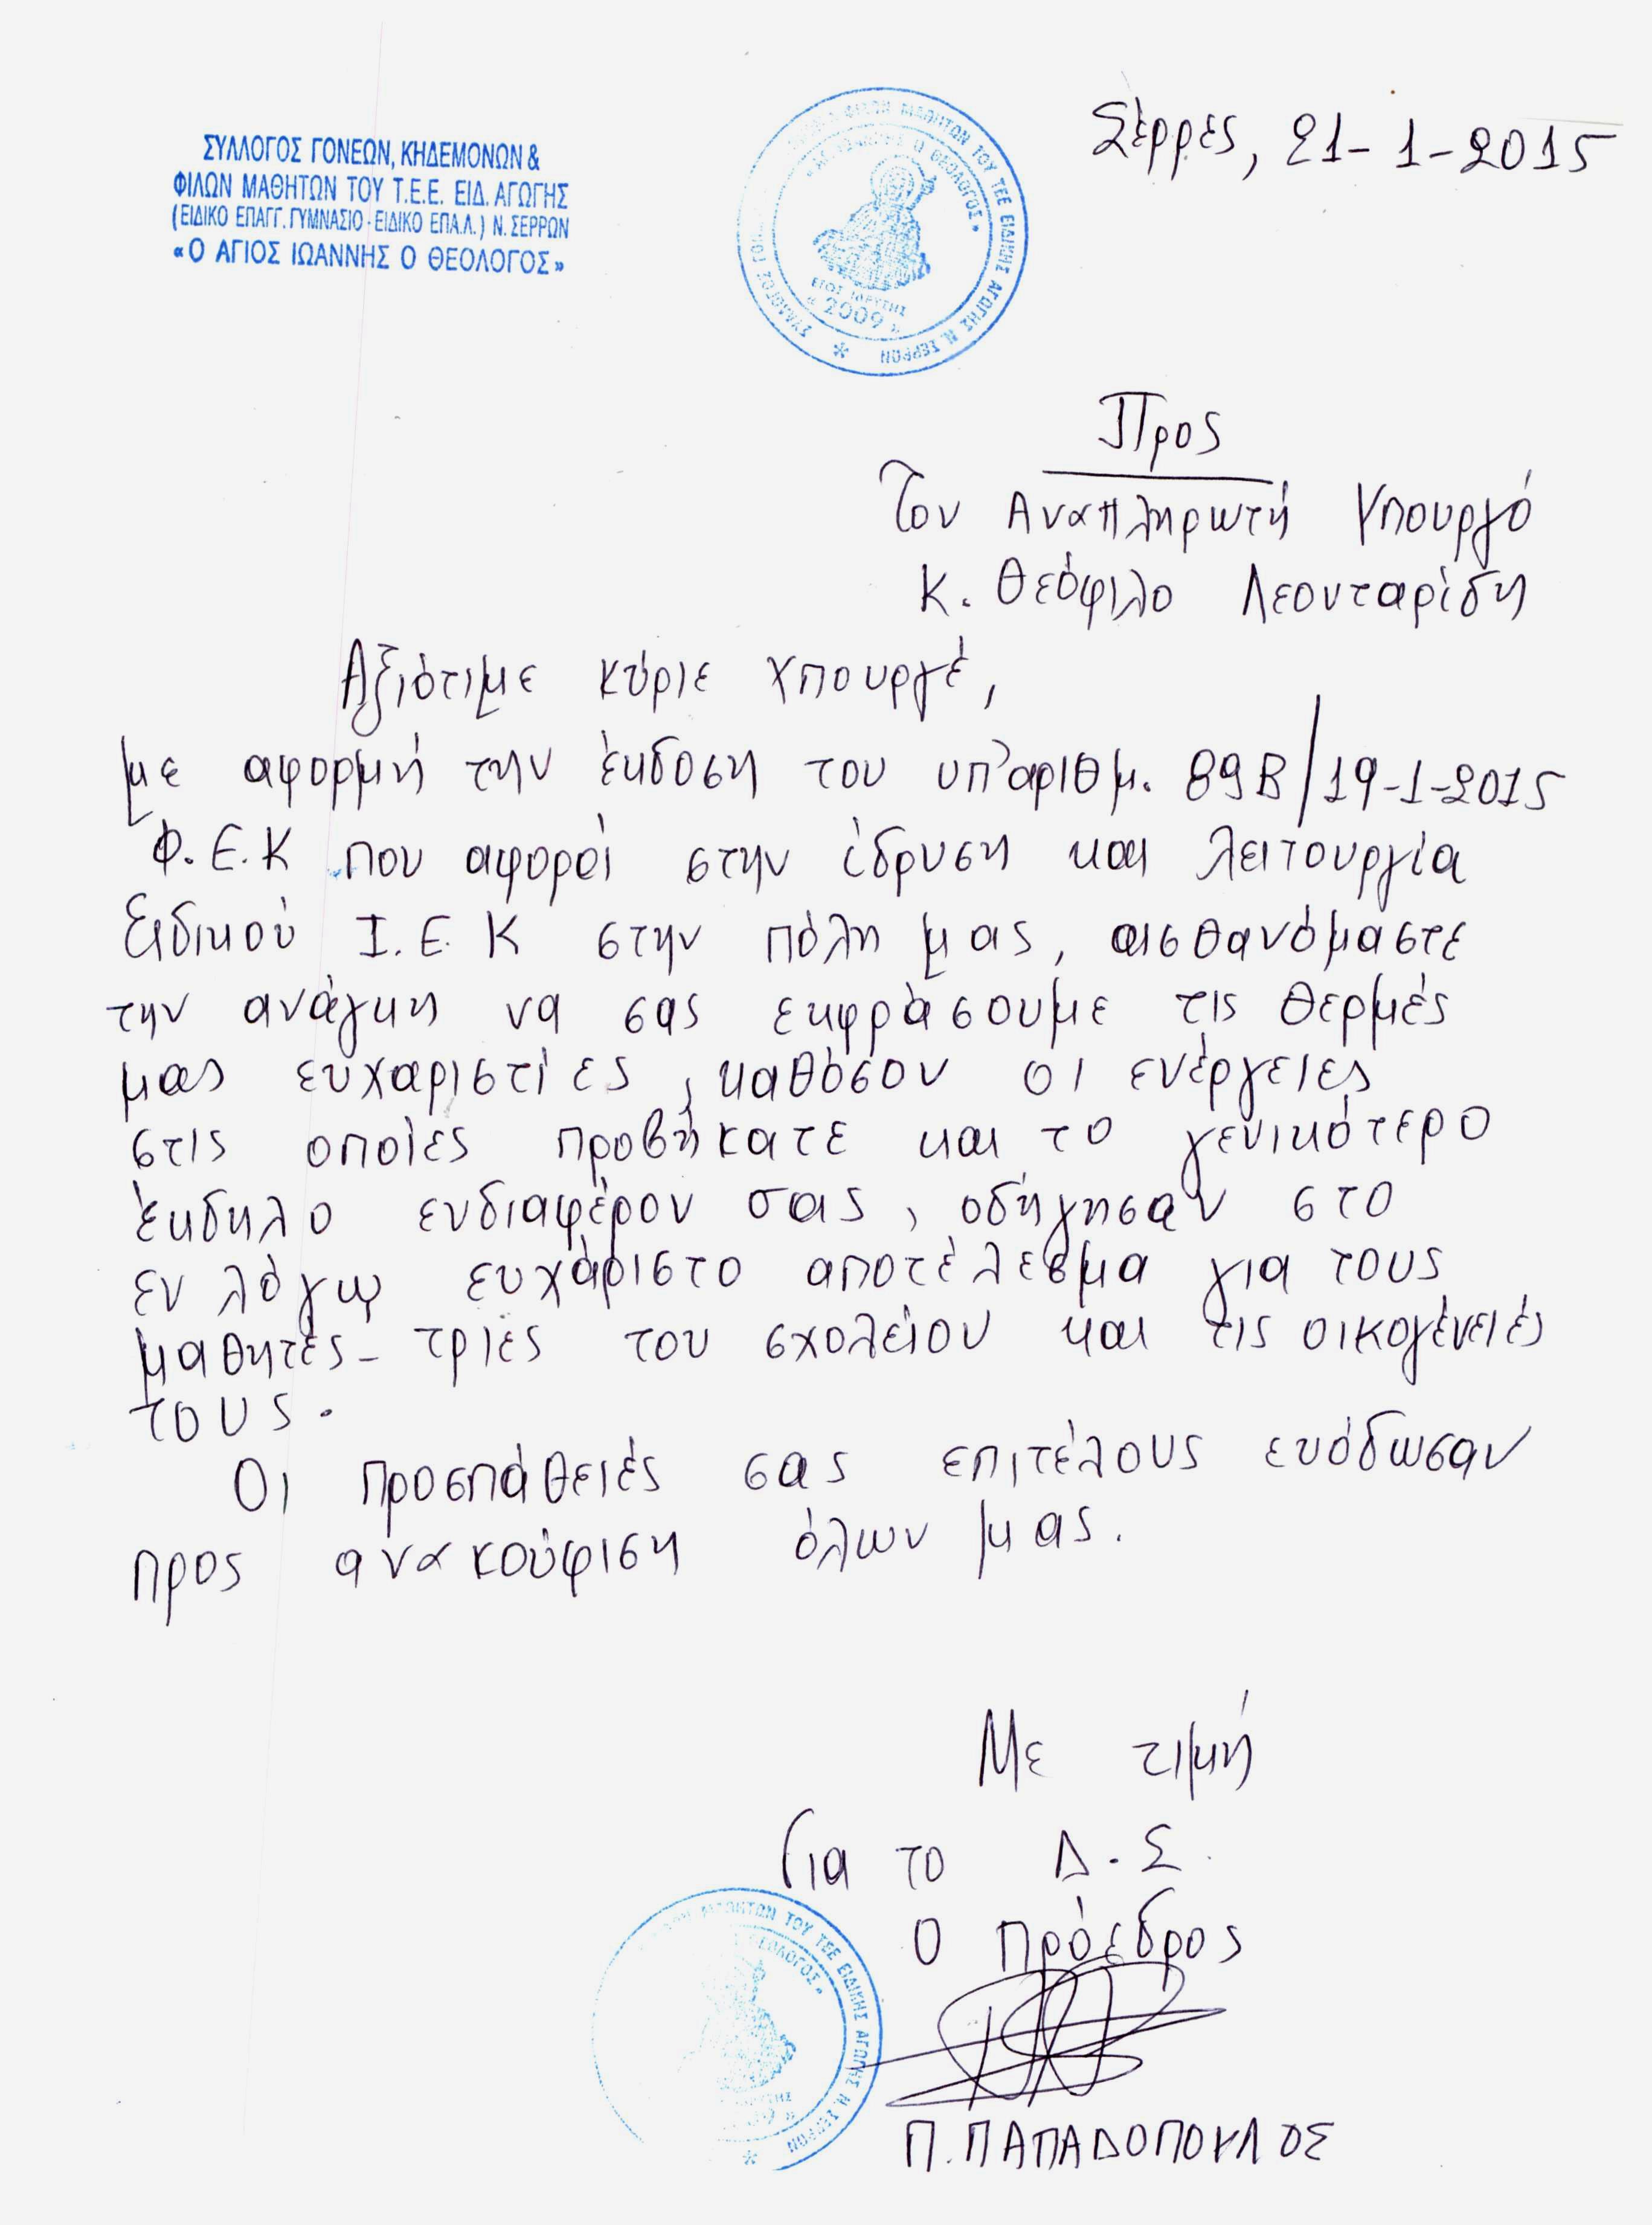 Ευχαριστήρια επιστολή του Συλλόγου Γονέων, Κηδεμόνων & Φίλων Μαθητών του Τ.Ε.Ε. Ειδ. Αγωγής « Ο ΑΓΙΟΣ ΙΩΑΝΝΗΣ Ο ΘΕΟΛΟΓΟΣ» - 21/01/2015